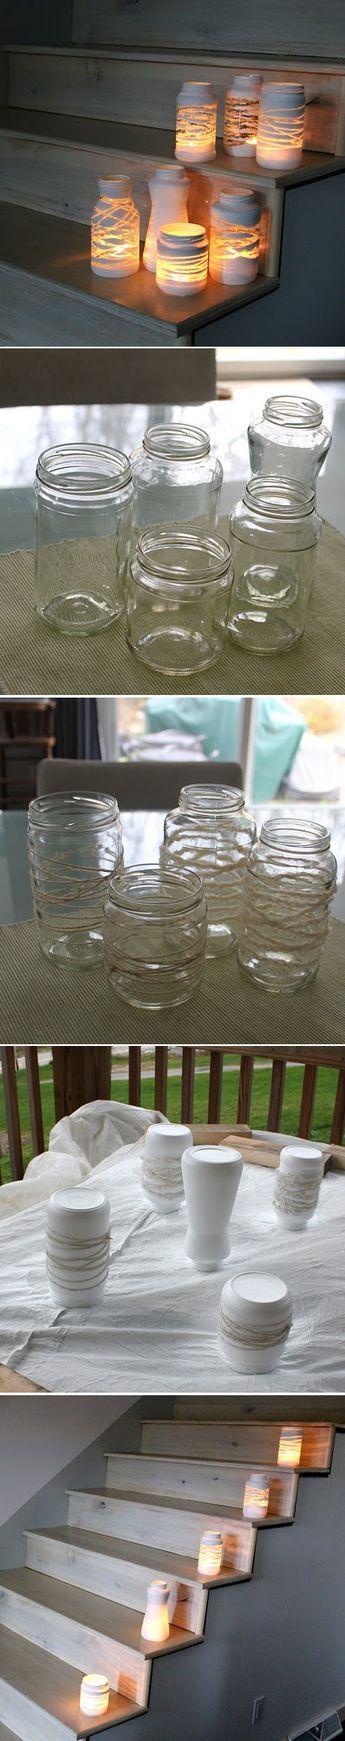 recycler des objets en verre 20 id es cr atives travaux manuels basteln dekoration et. Black Bedroom Furniture Sets. Home Design Ideas